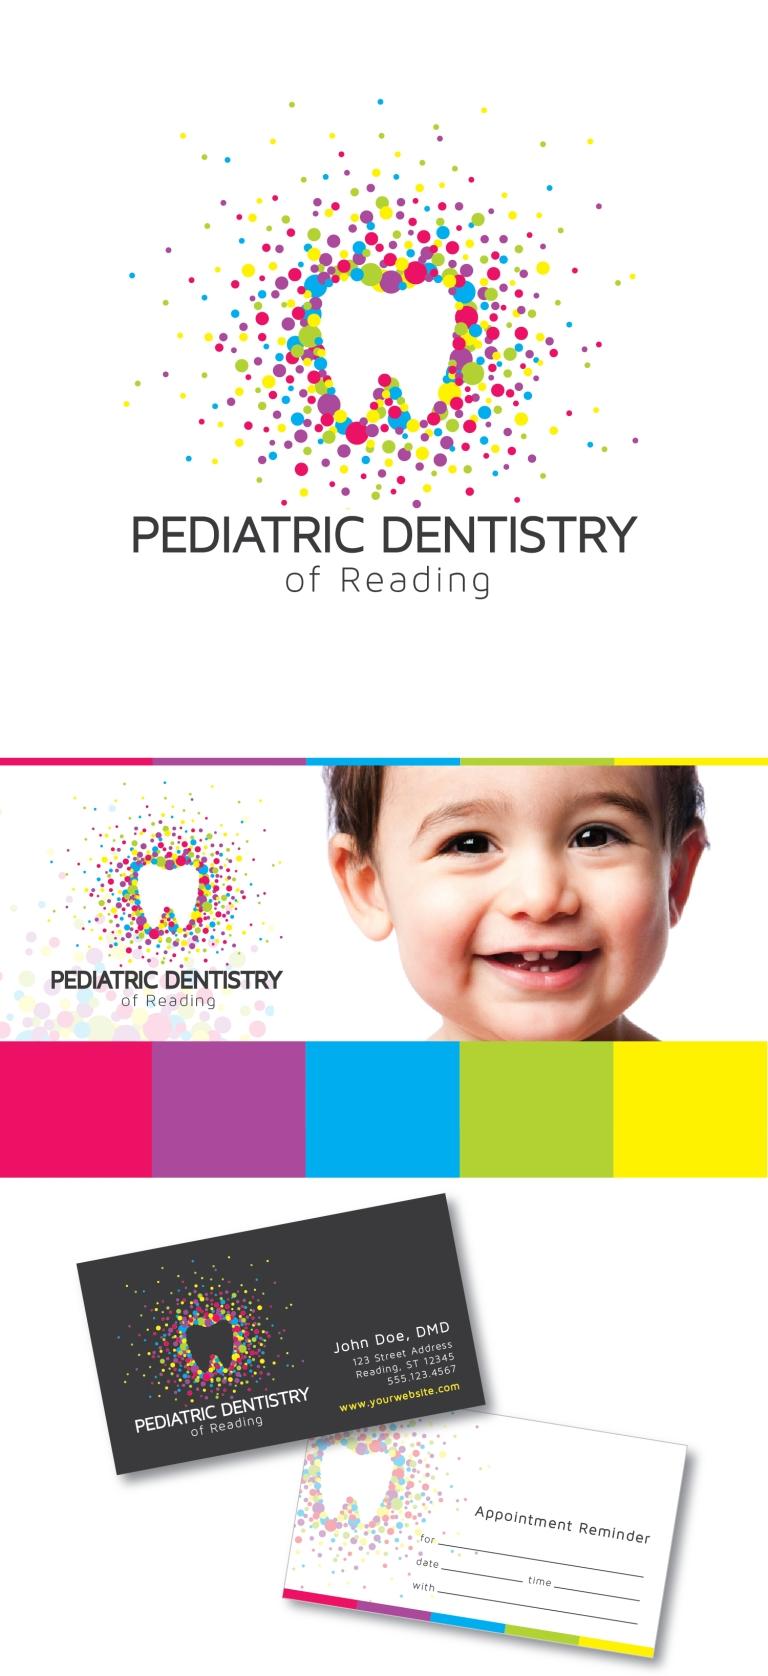 PediatricDentistry5-03